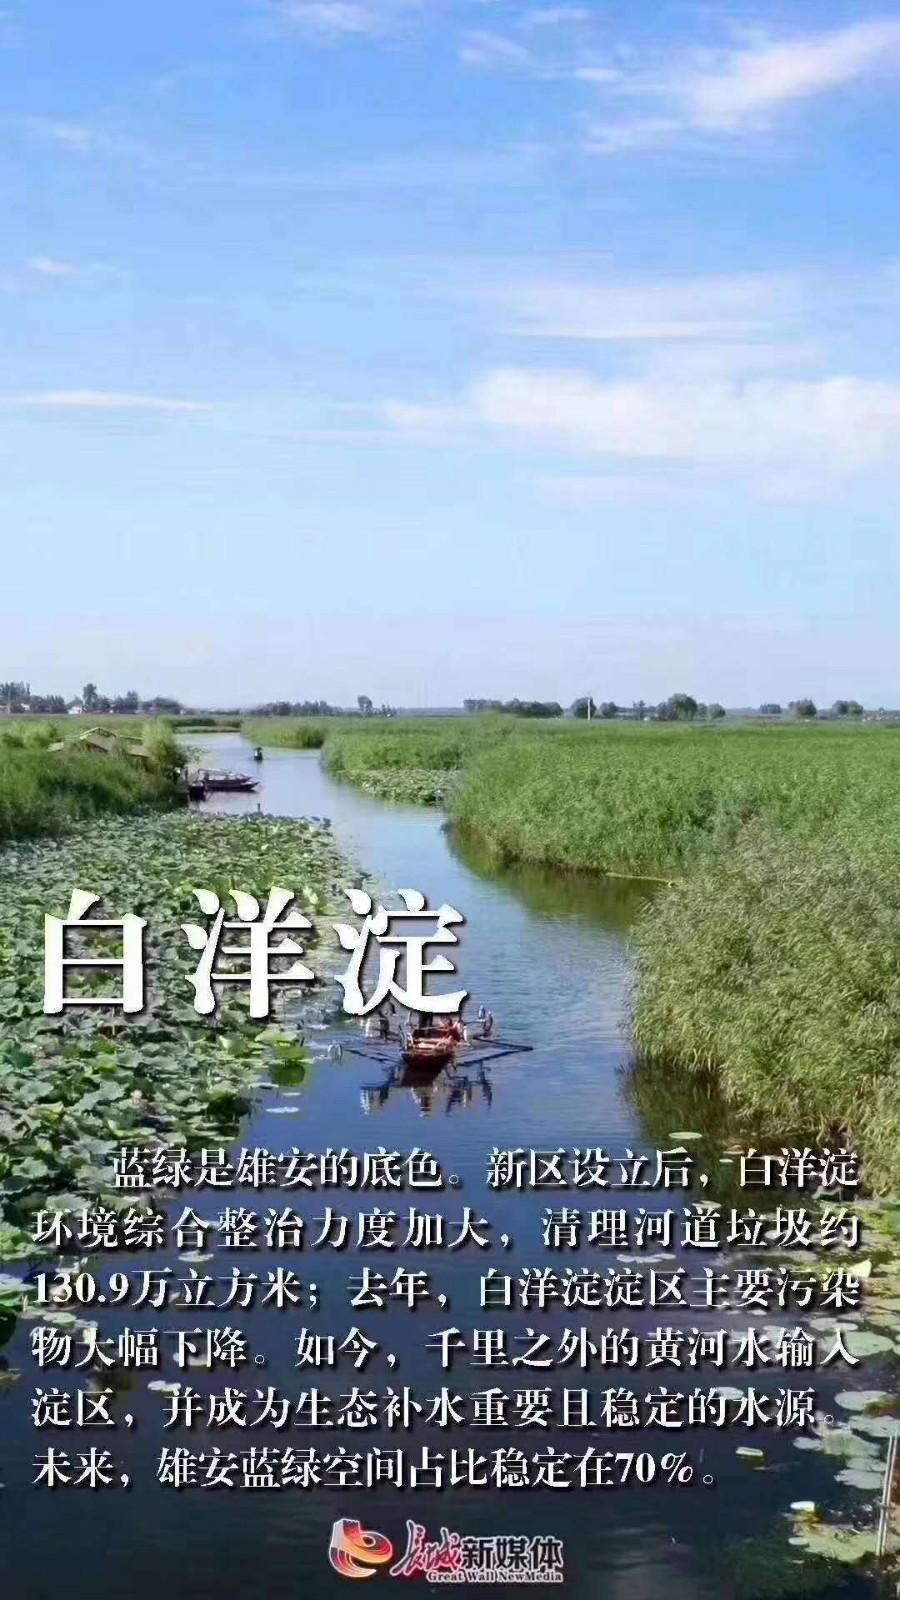 新闻死肥宅武宁新闻中超